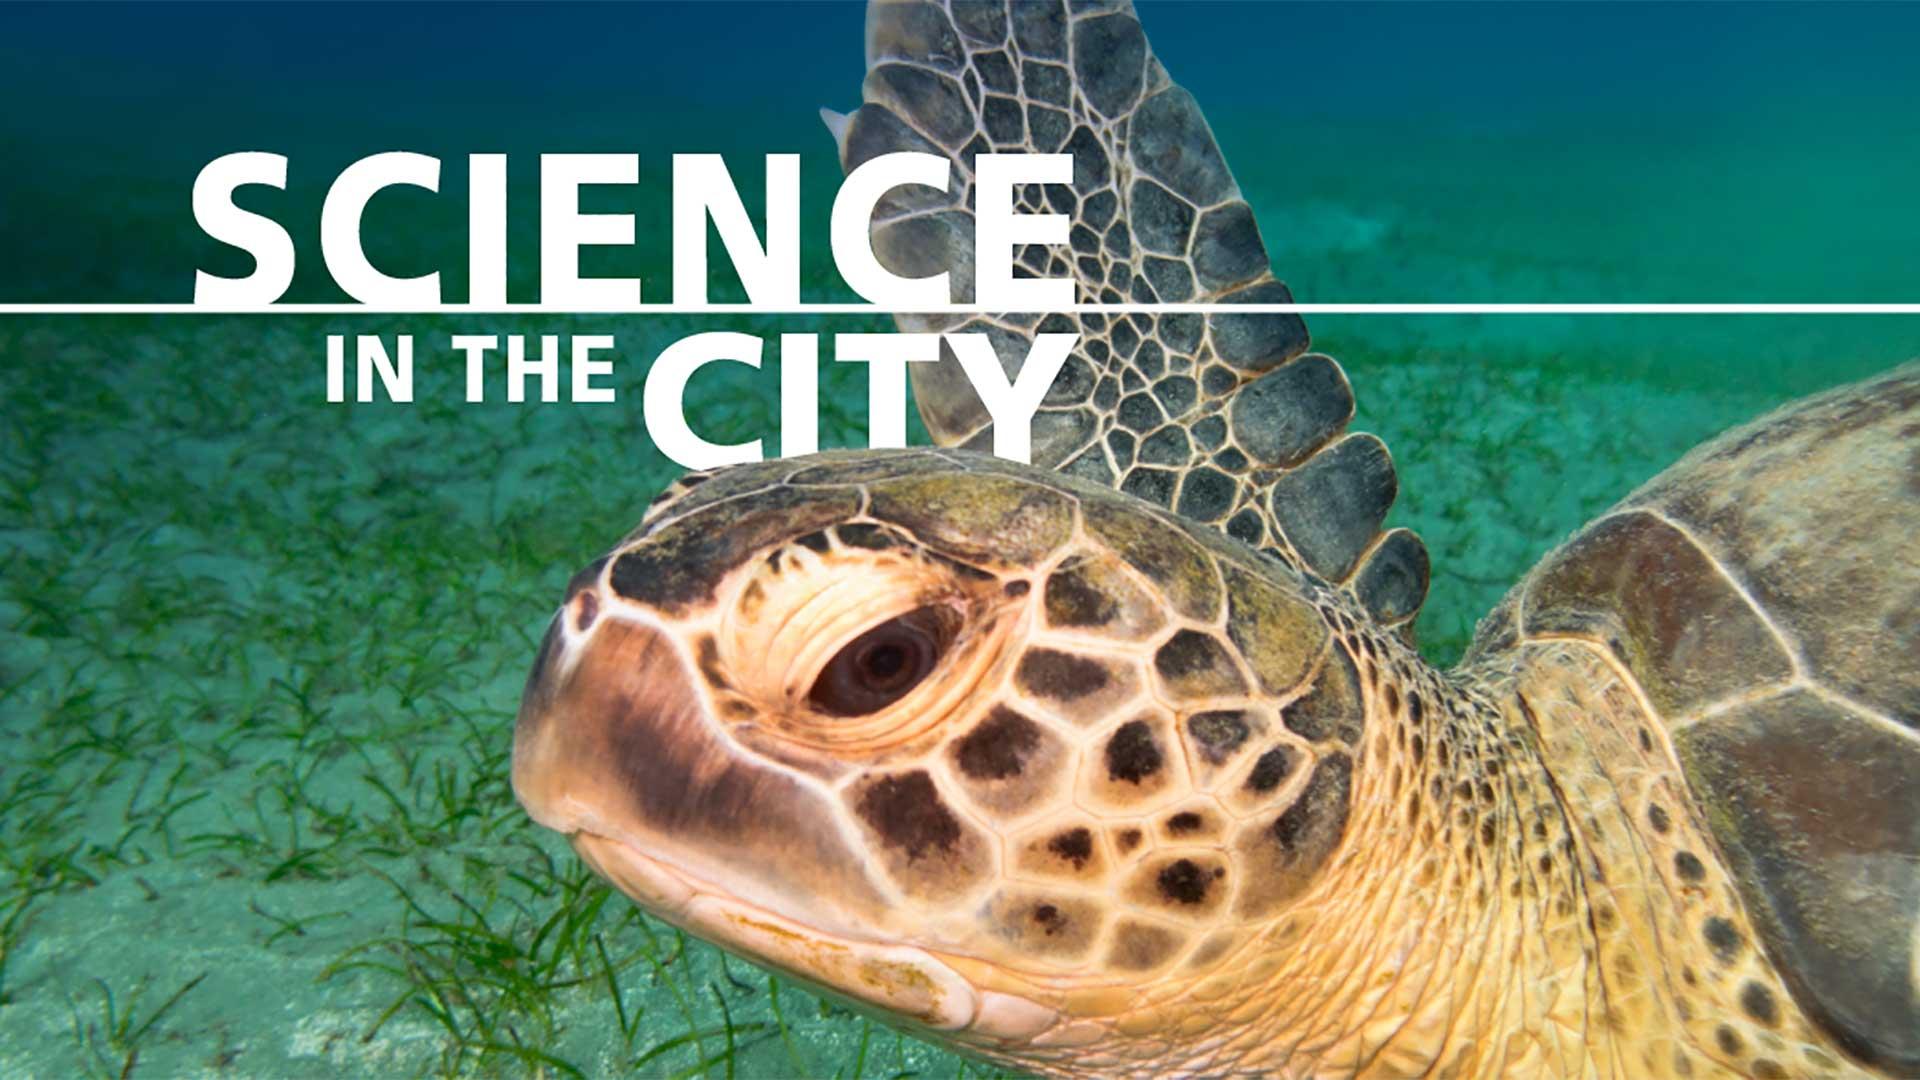 sitc-sea-turtles-1920x1080.jpg